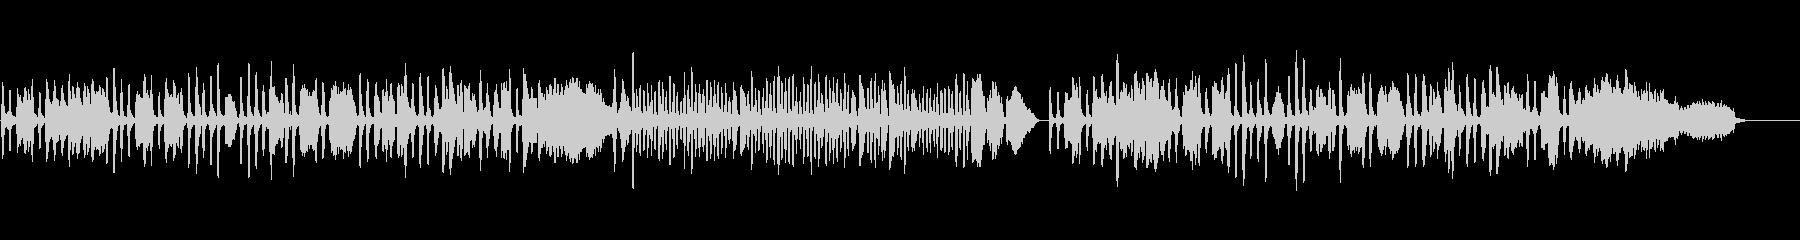 リュリ/ガヴォットをヴァイオリンソロでの未再生の波形